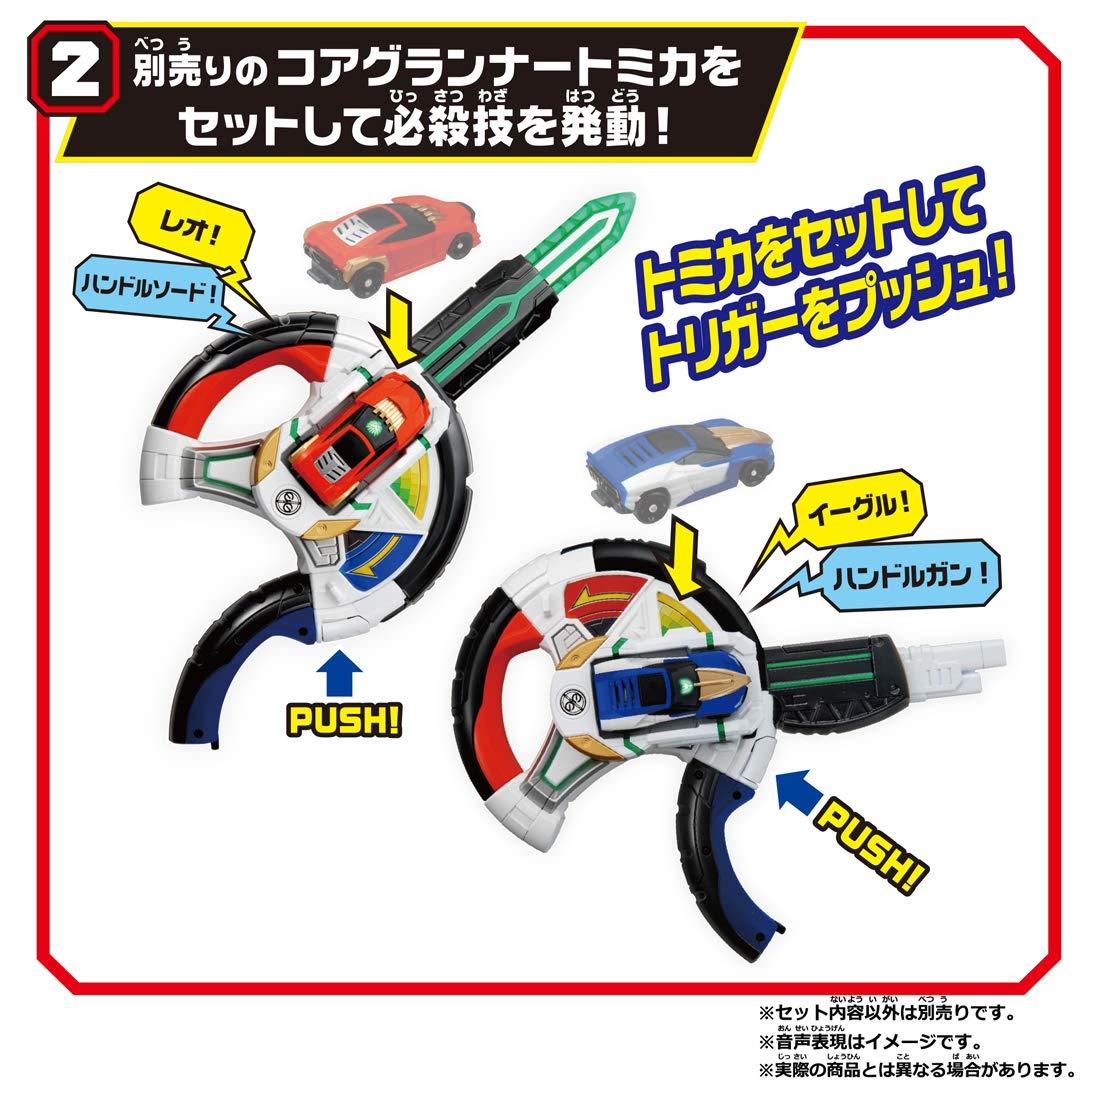 トミカ絆合体 アースグランナー『アースブレス&アースハンドル シフトチェンジDXセット』変身なりきり-013